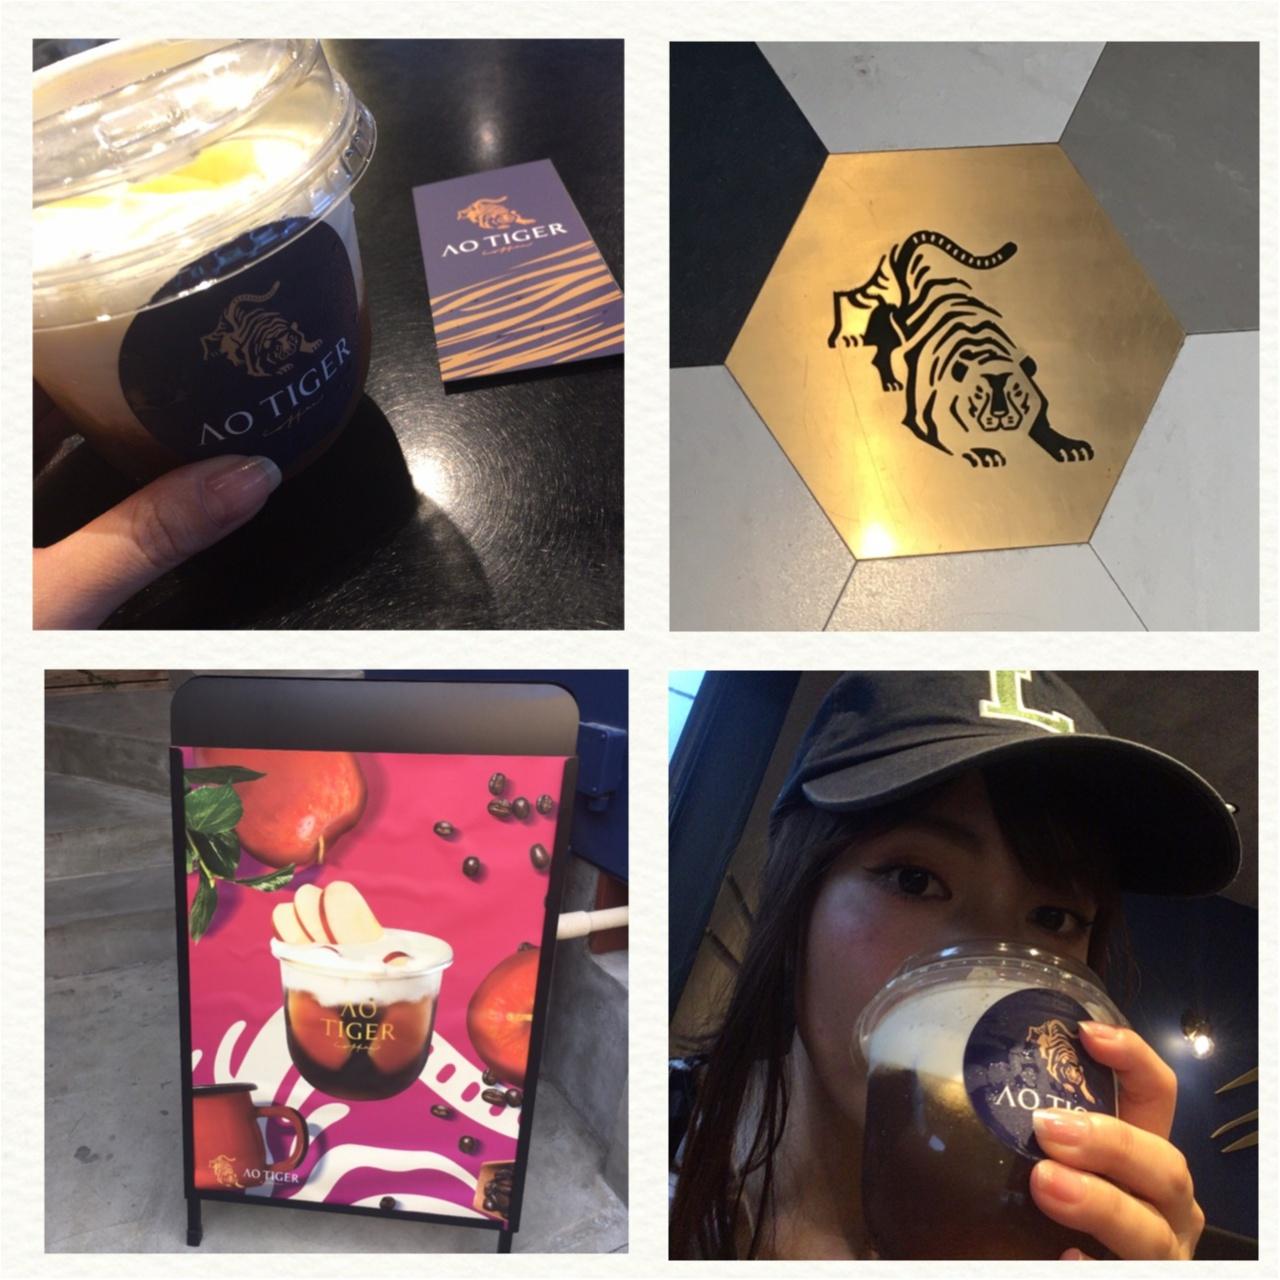 <台湾発>暑い日にオススメ!フルーツ×コーヒーのヒンヤリドリンクが飲めるのはココだけ♡_4